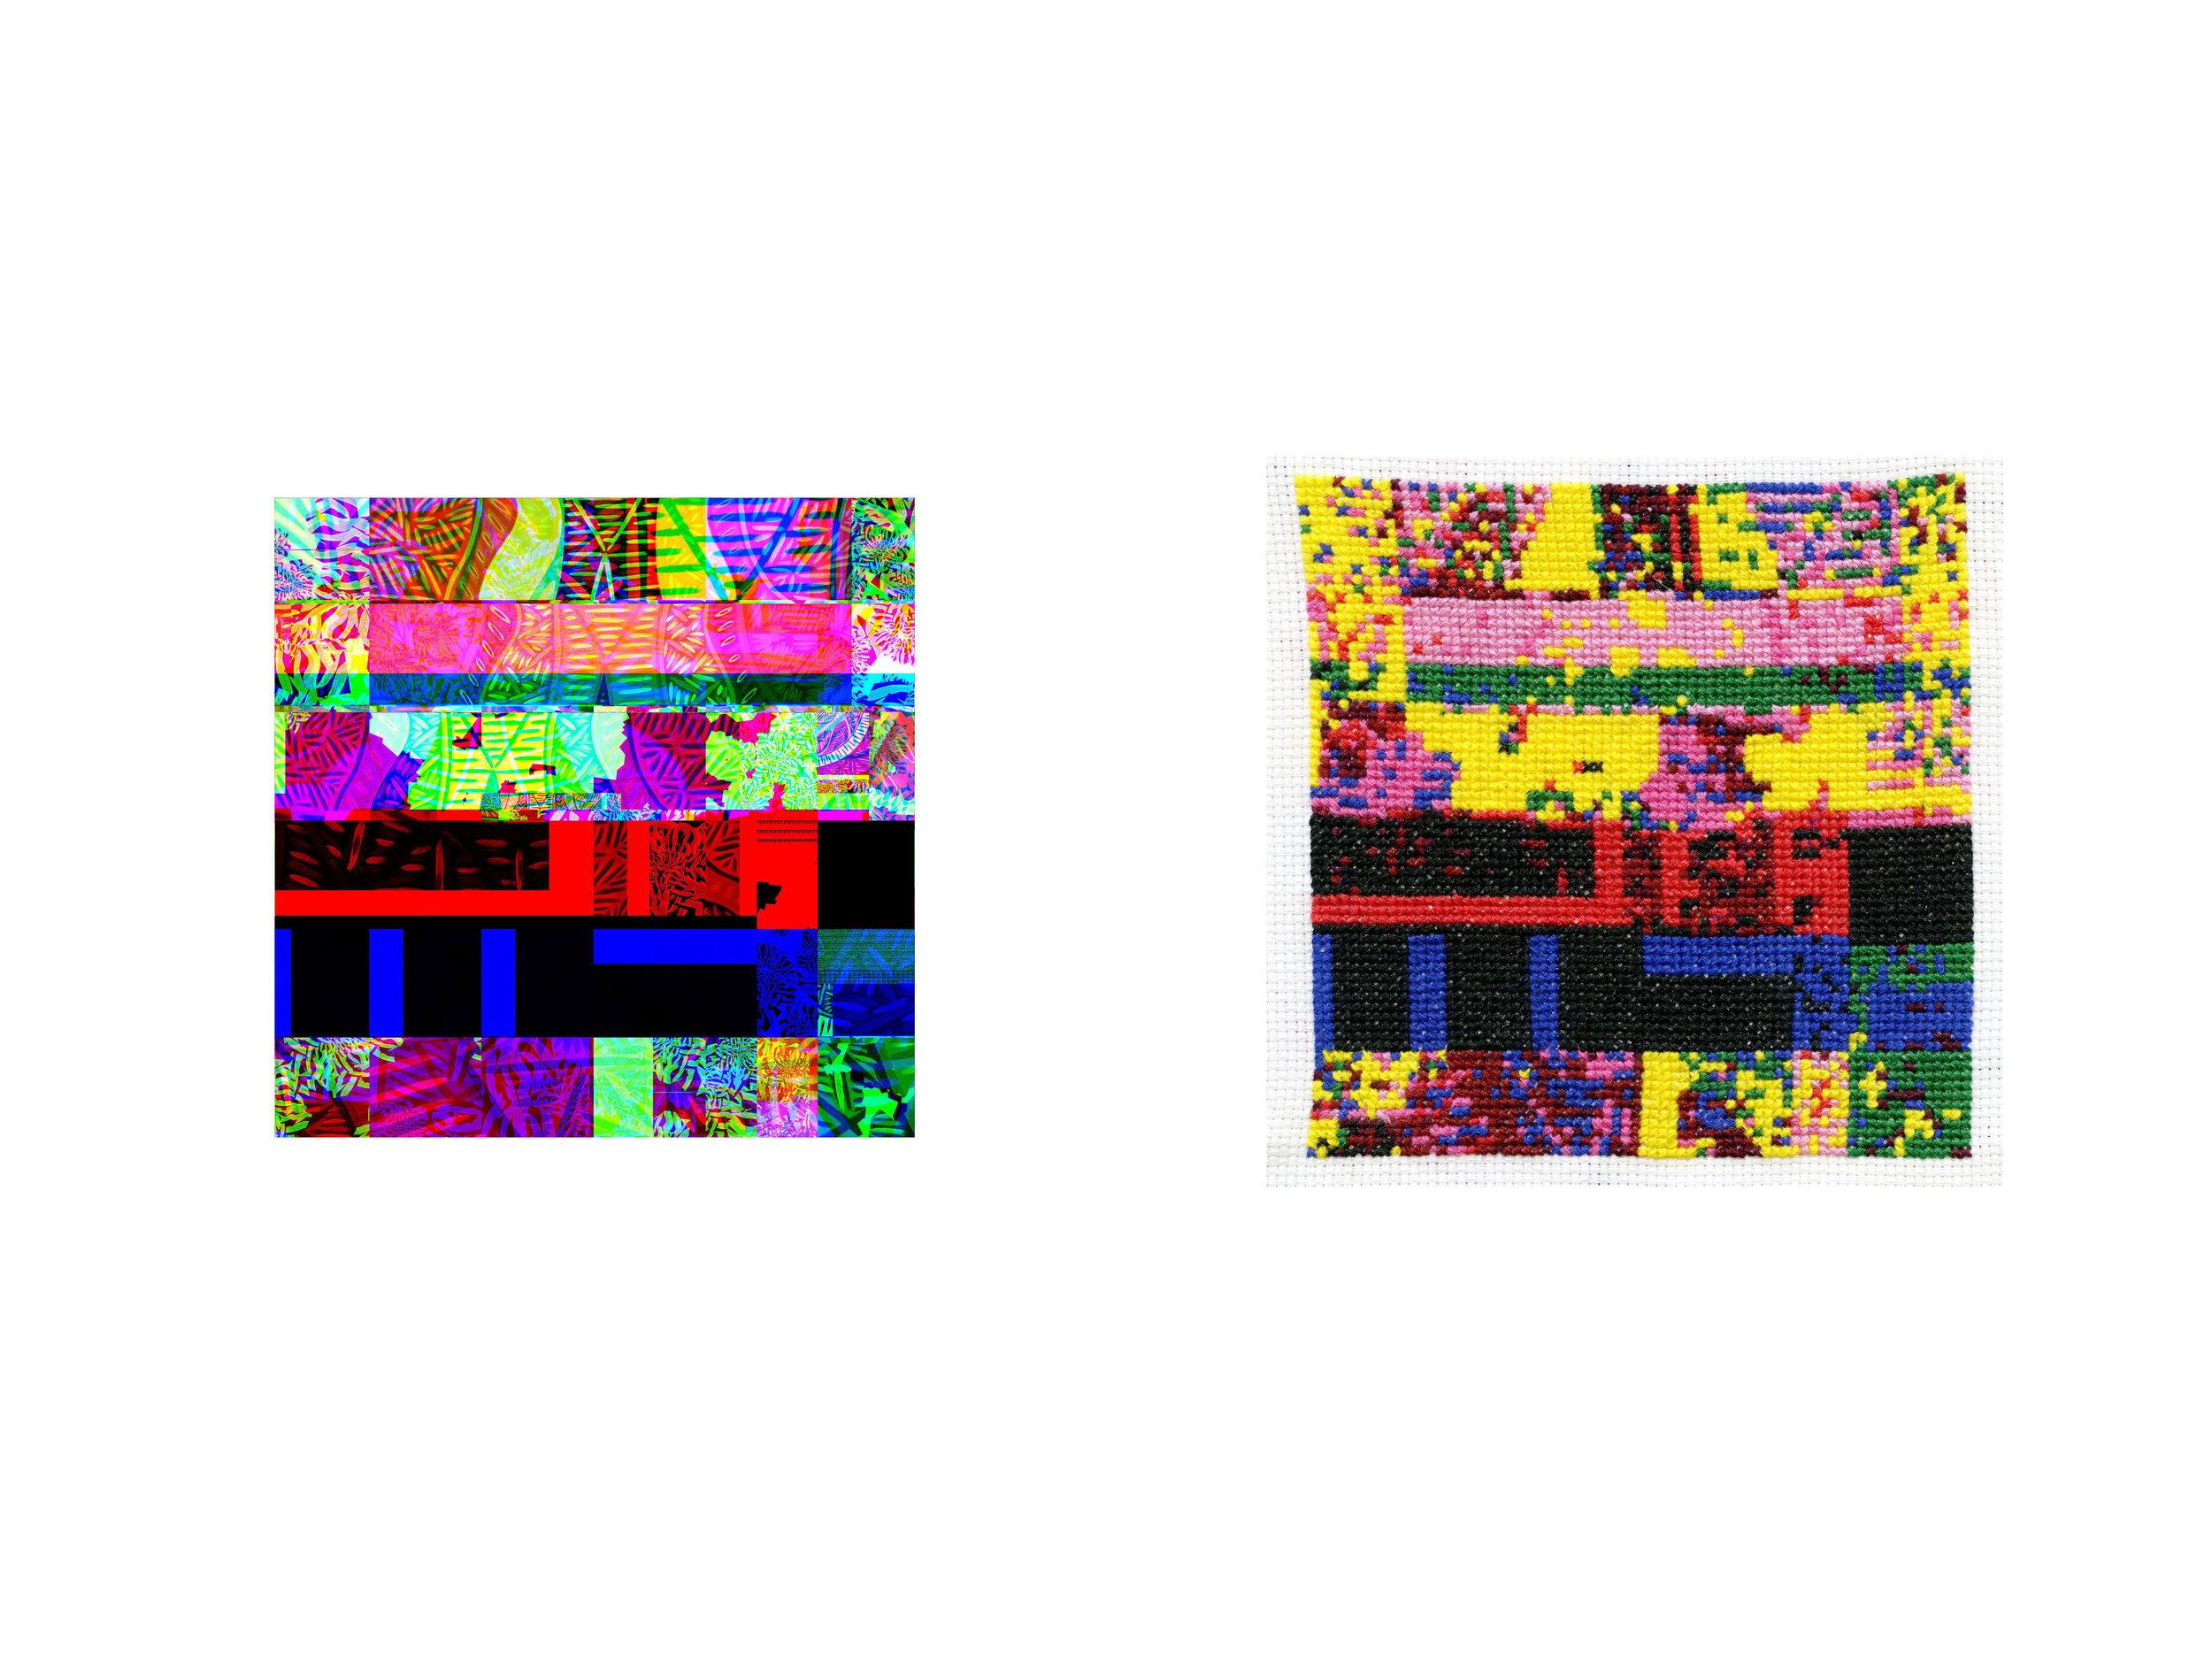 GlitchSeries03 - Crop_2_crop.jpg